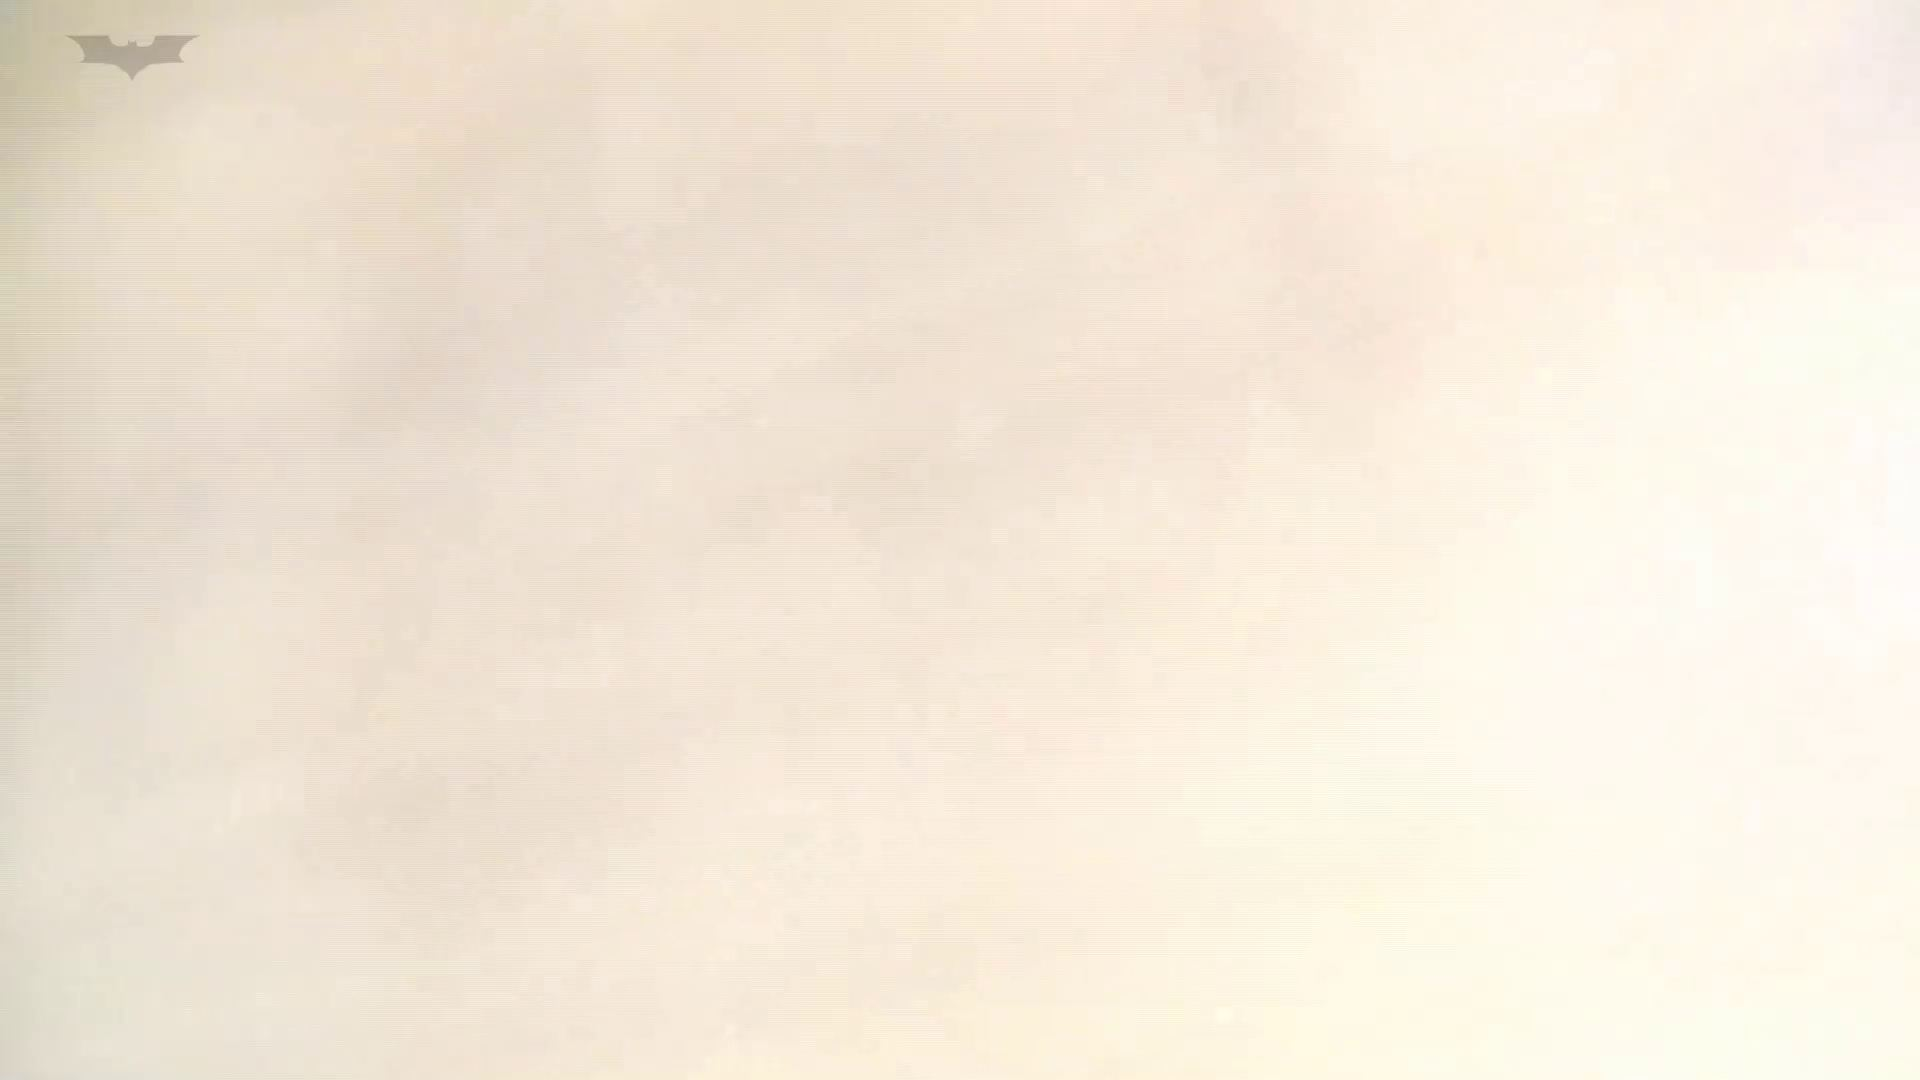 和式洋式七変化 Vol.31 洋式だけど丸見えですっ!! 丸見えマンコ | 高画質  96画像 9